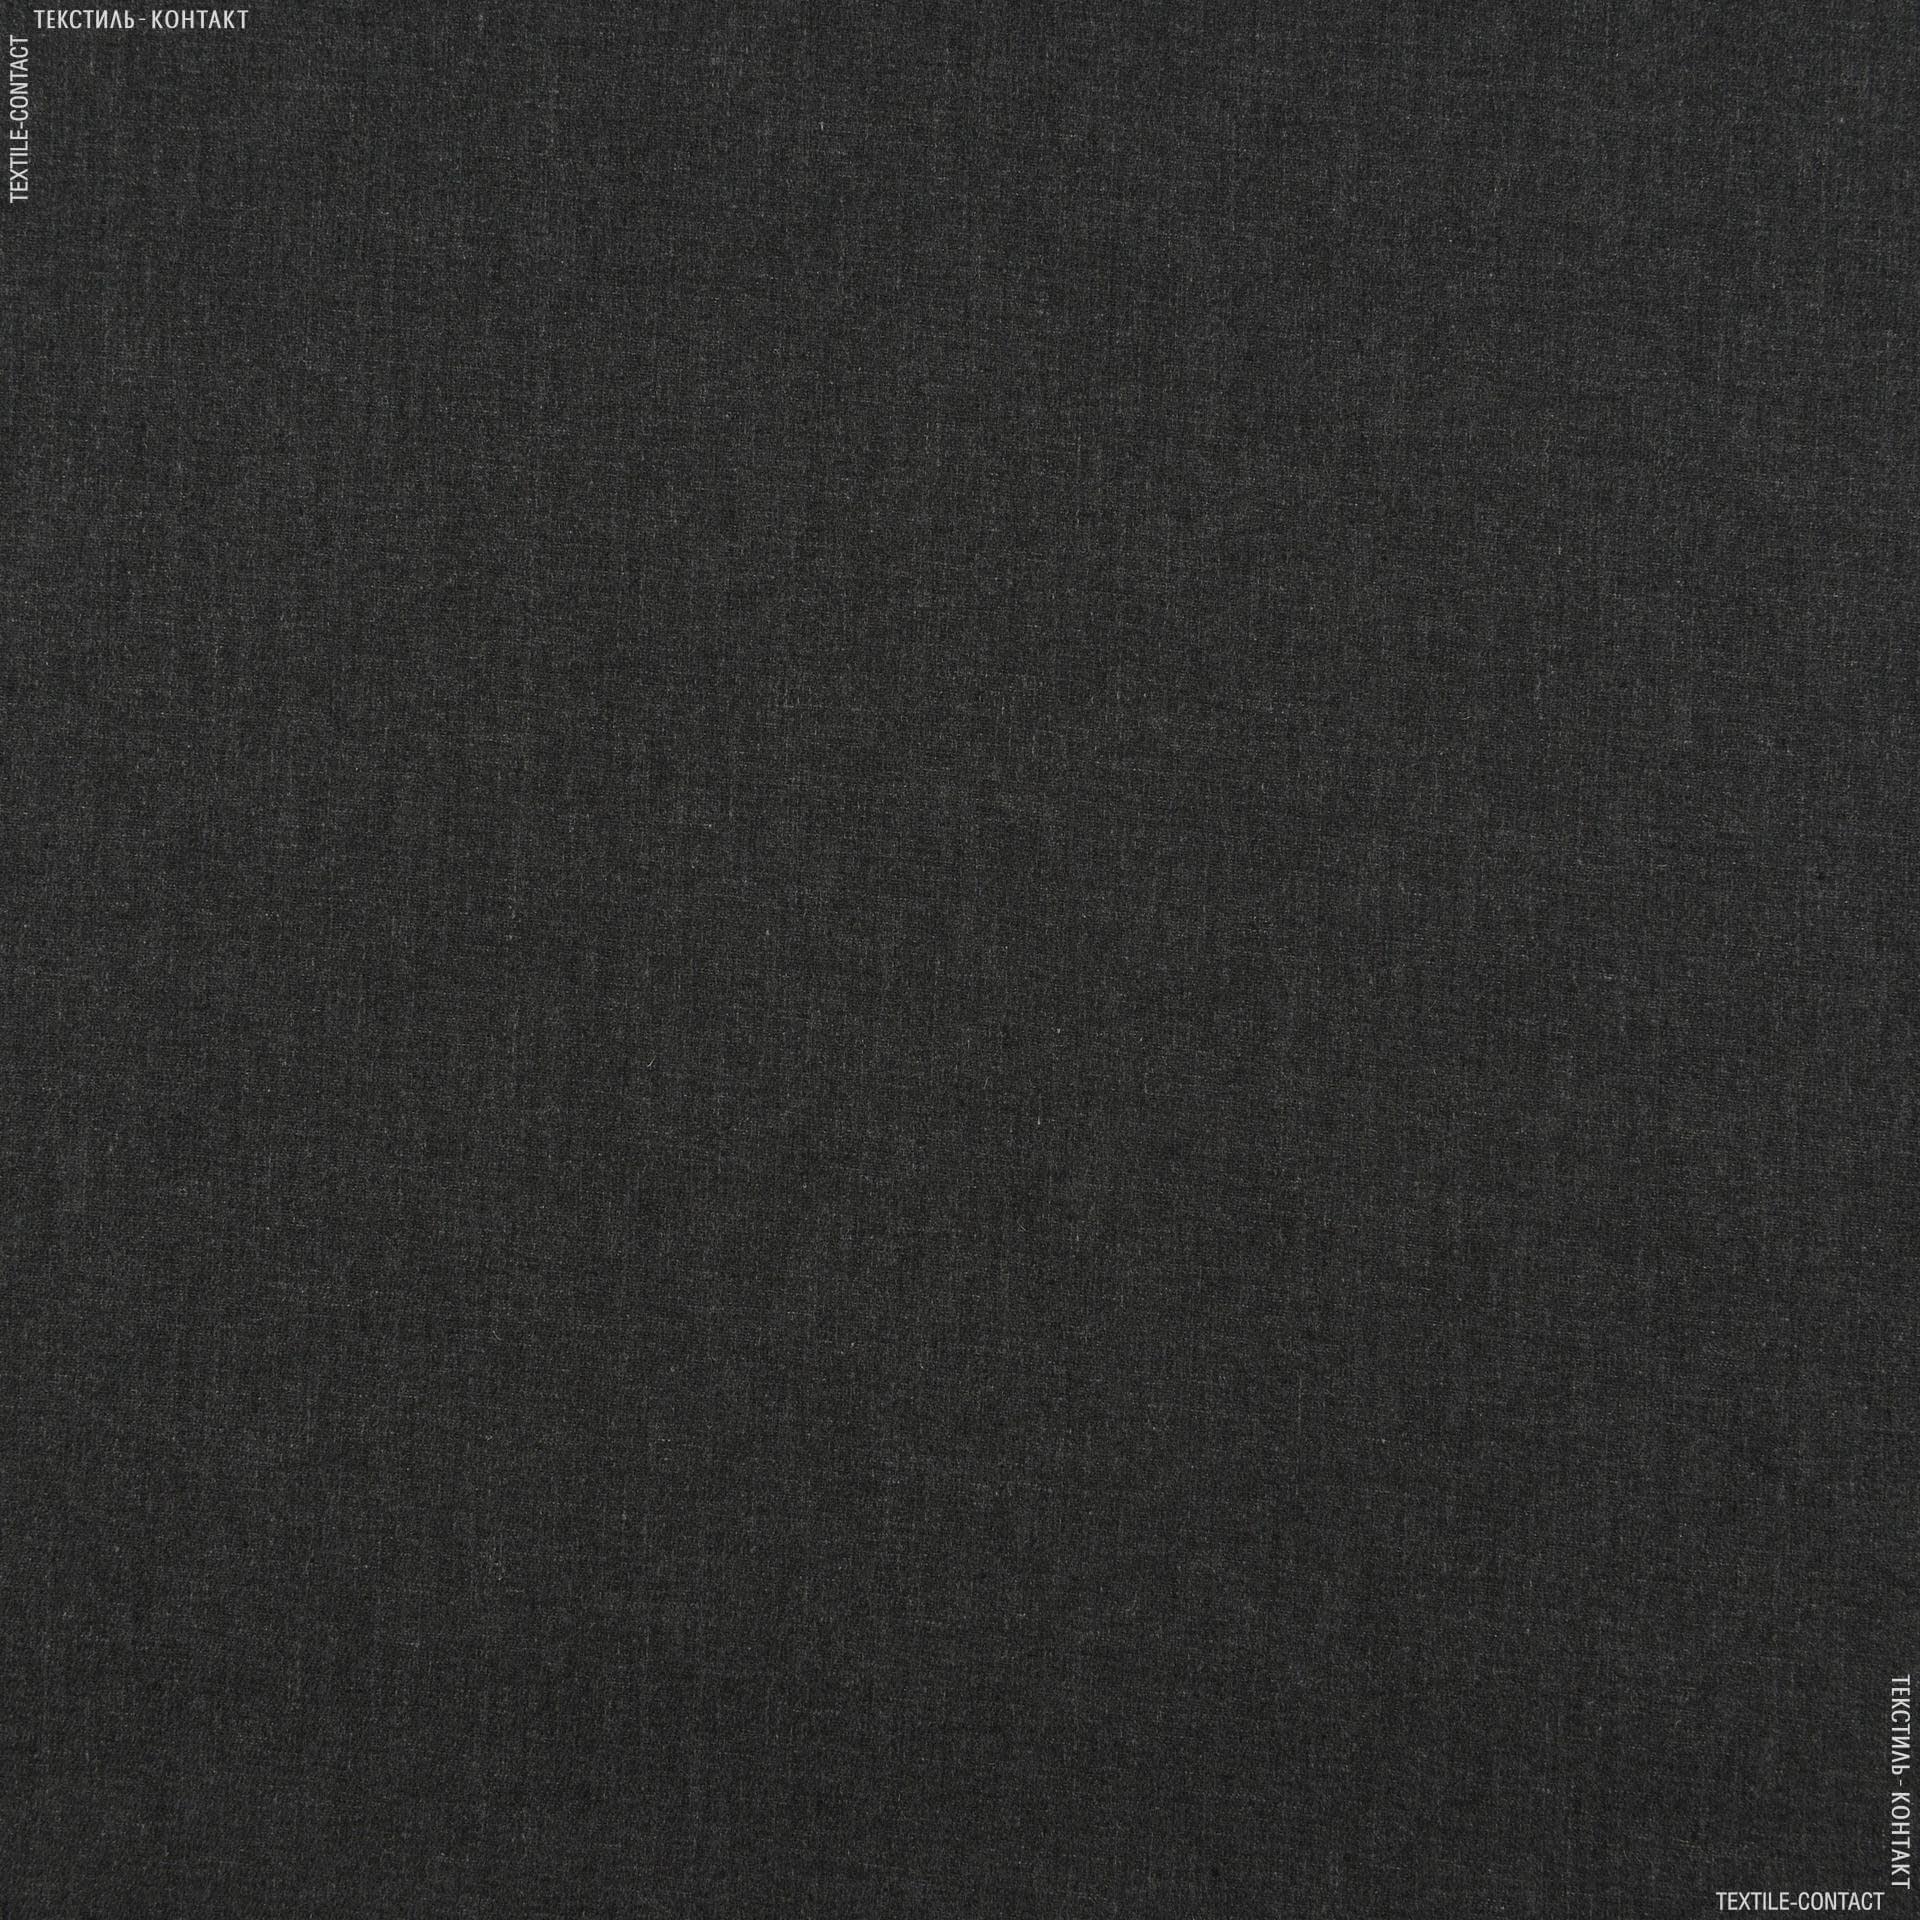 Ткани для рюкзаков - Диагональ 6в2-205-ткд